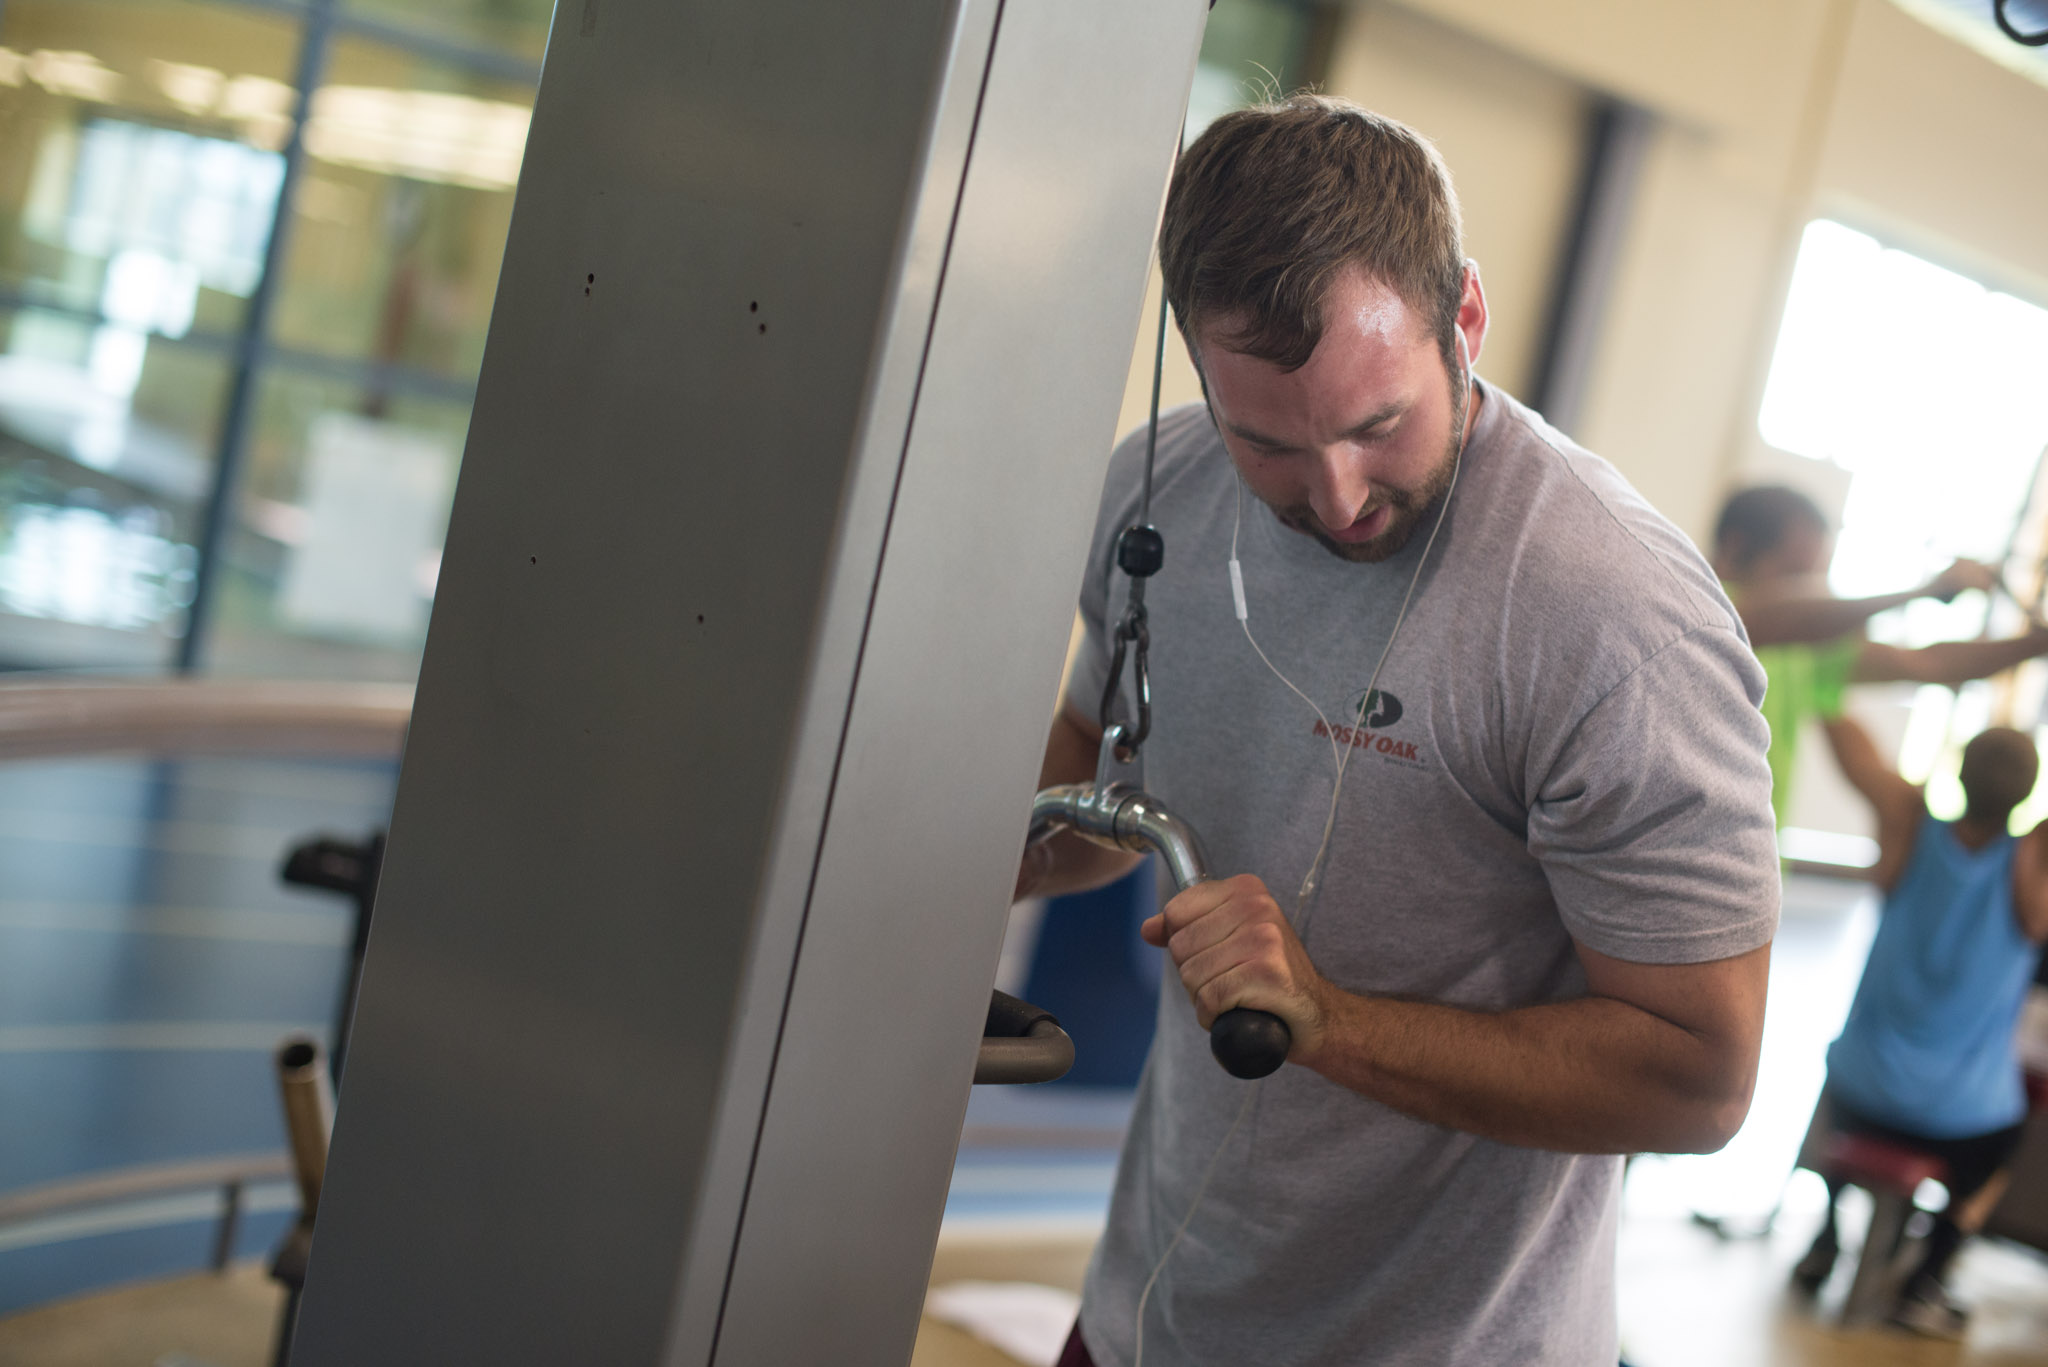 Wellness Center Stock Photos-1264.jpg